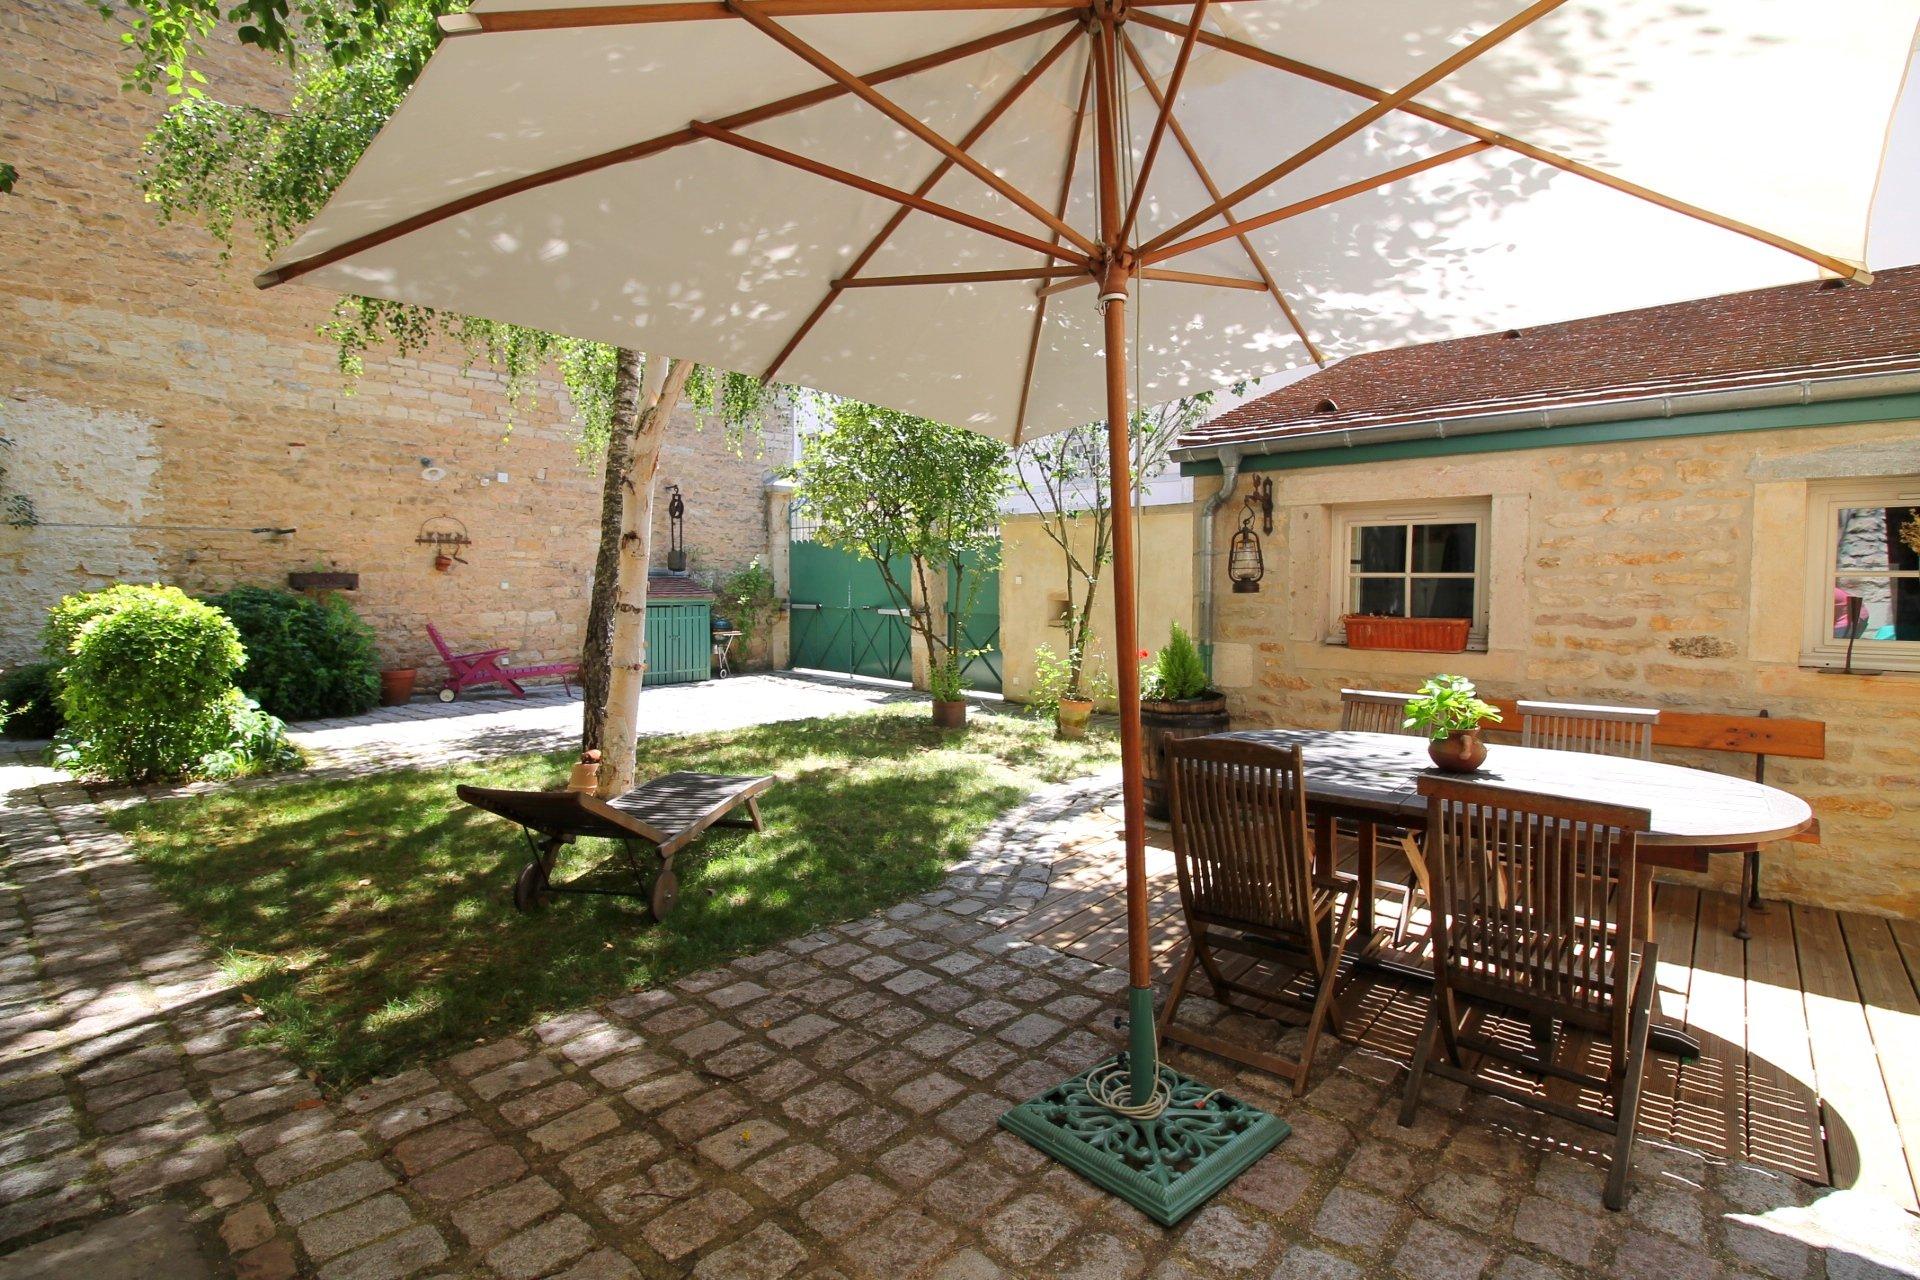 Vente Maison De Ville Avec Jardin Et Stationnement Dijon Centre tout Appartement Rez De Jardin Dijon